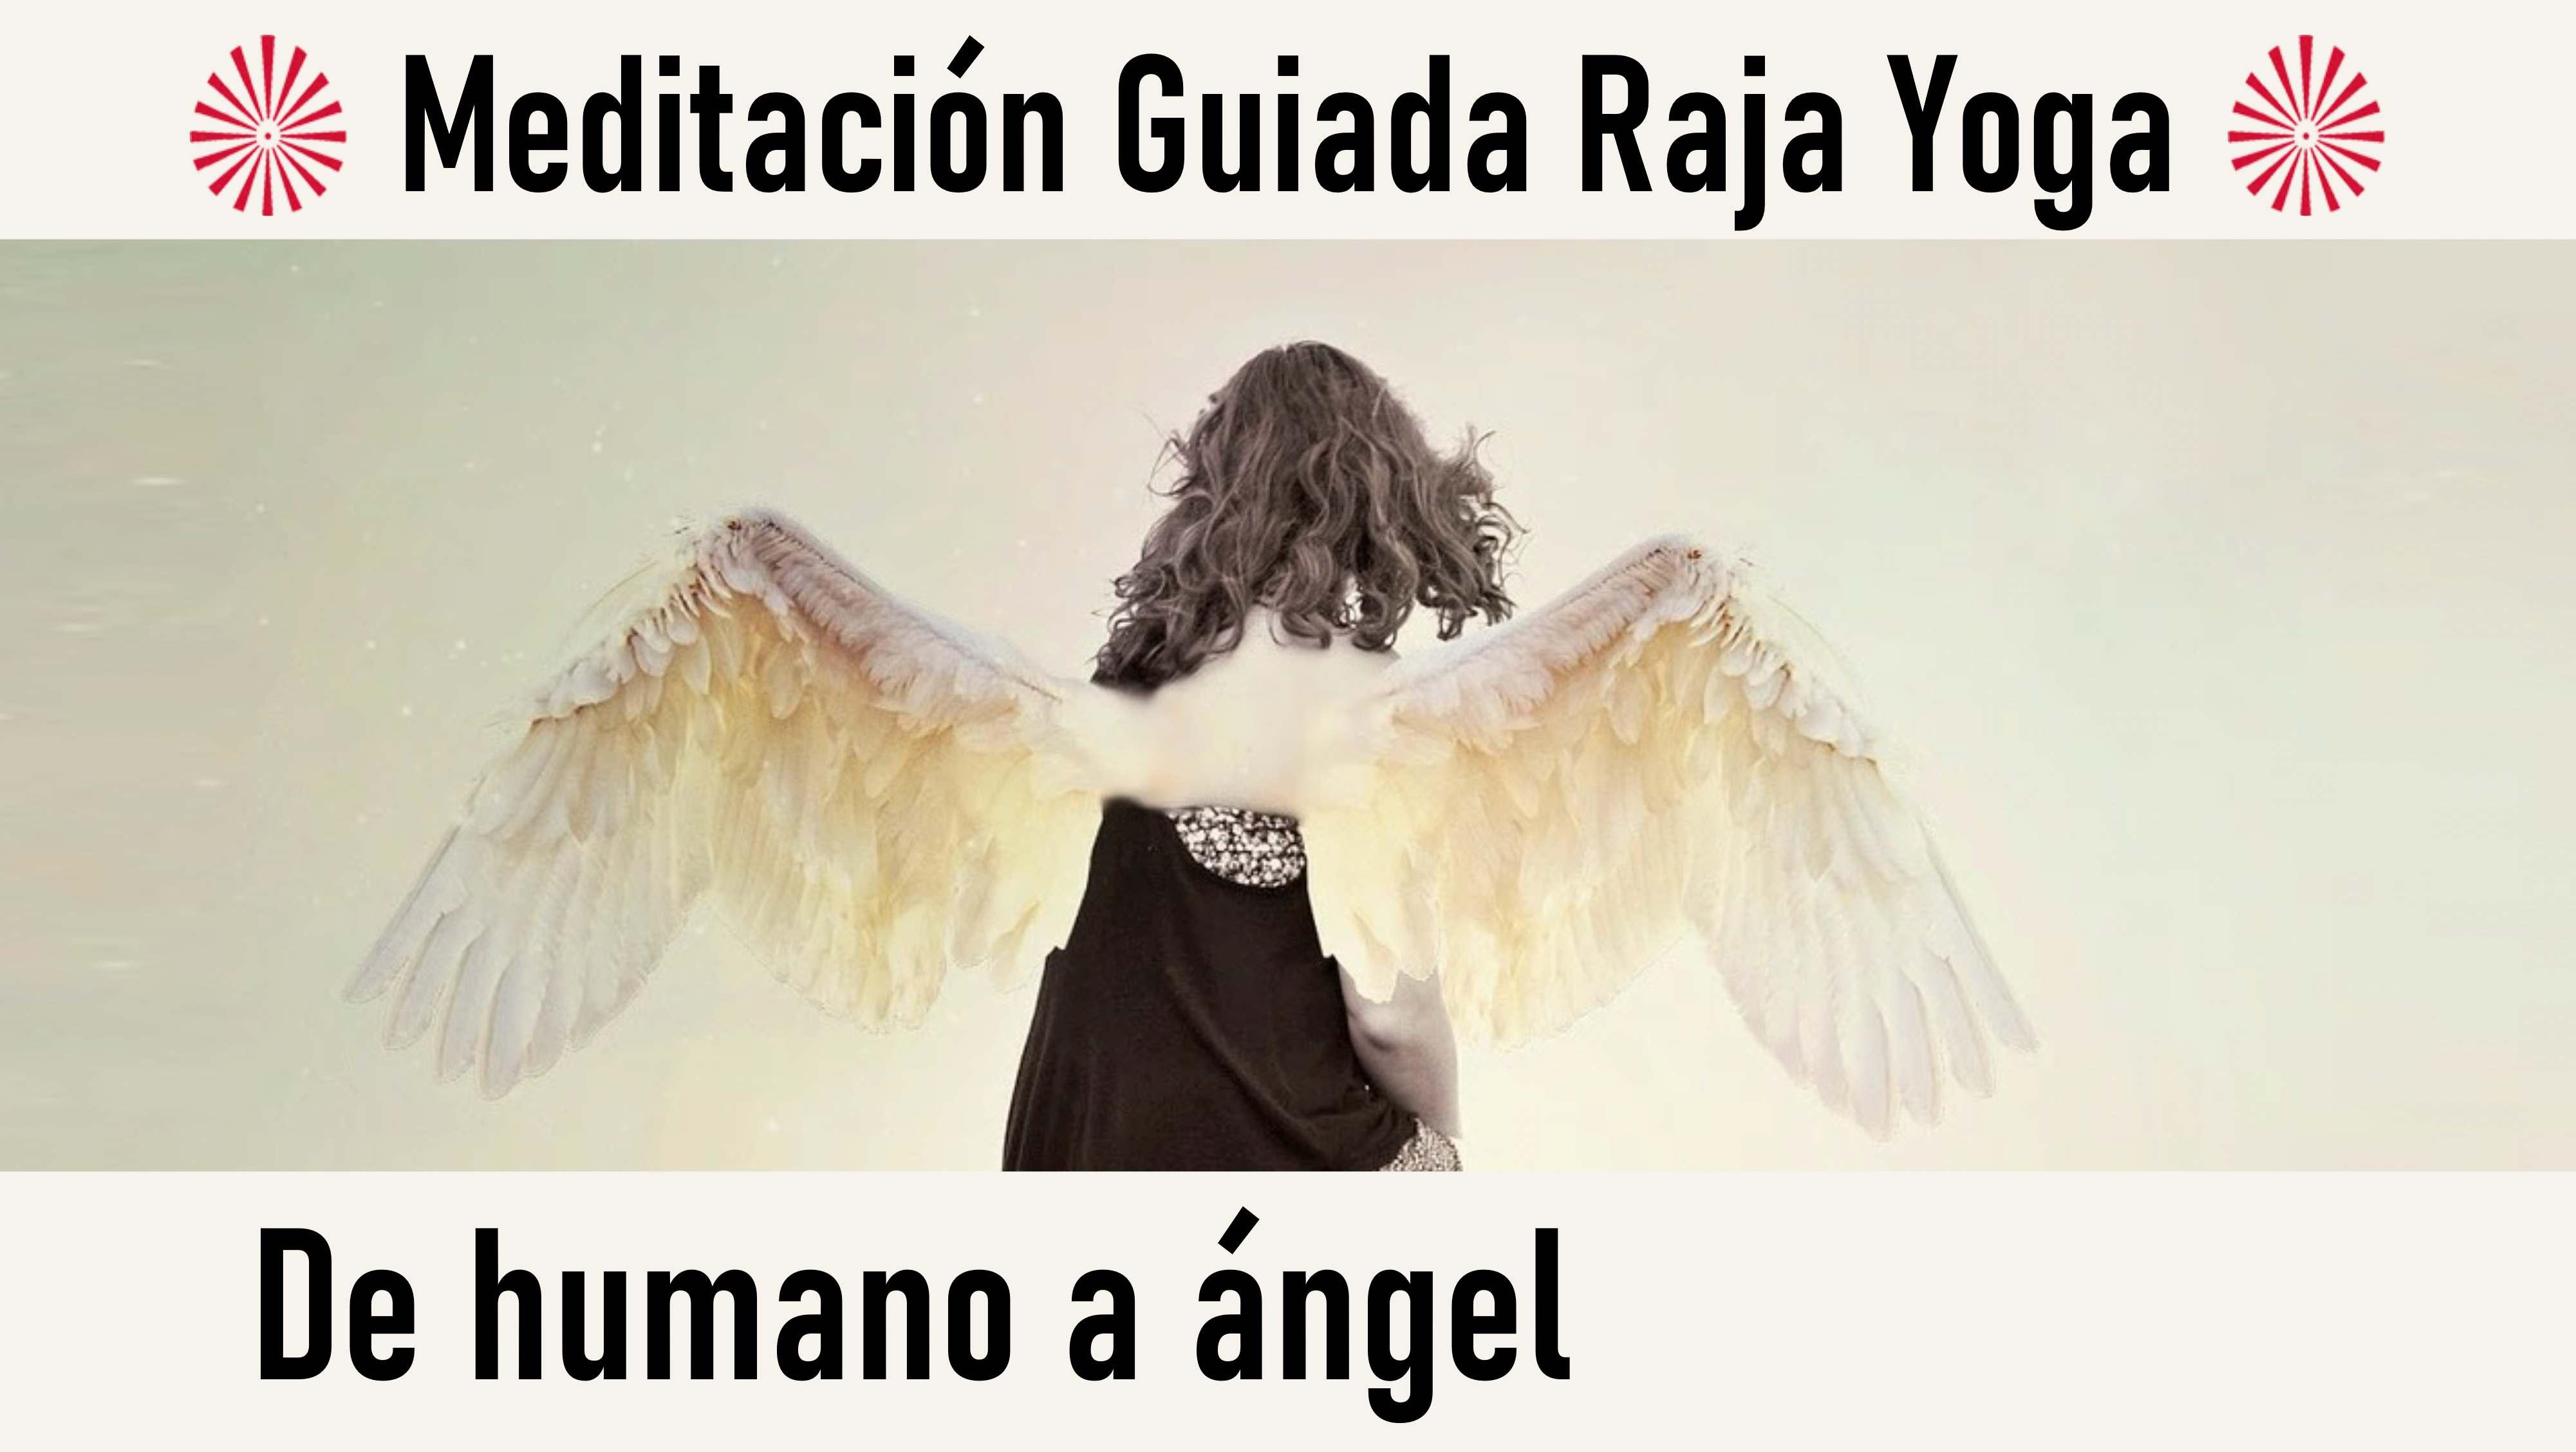 23 Agosto 2020  Meditación guiada: De humano a ángel